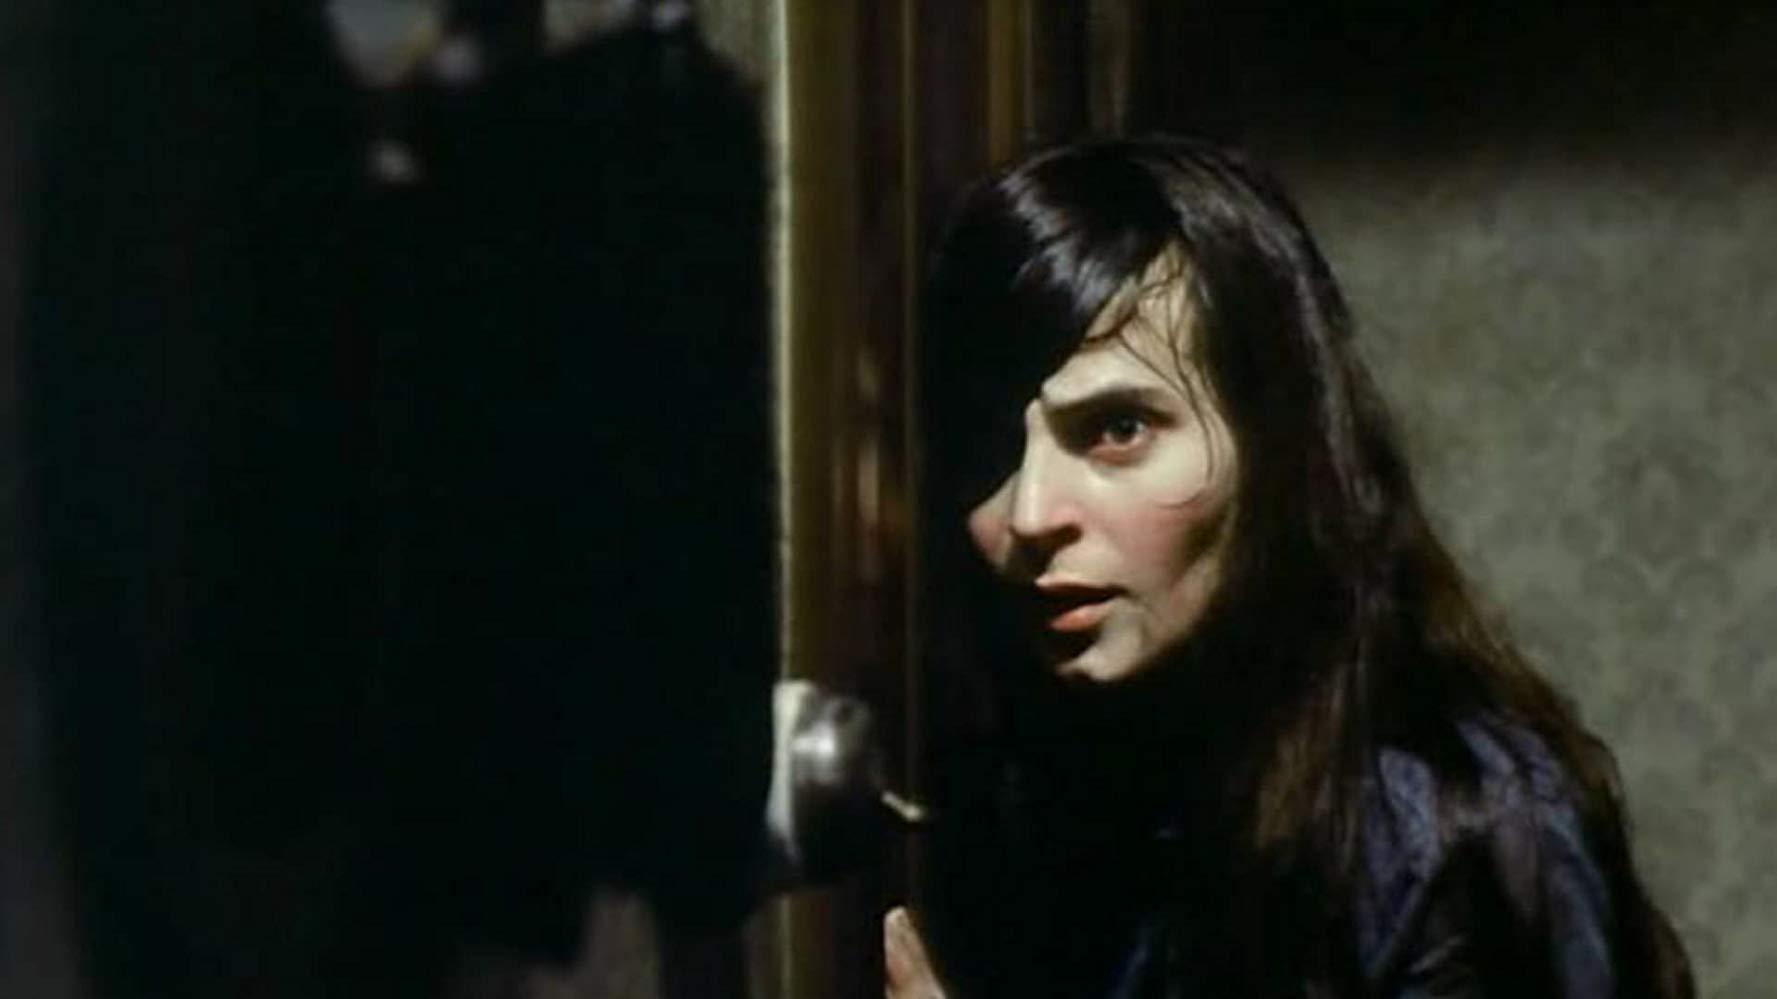 Montclare - Rendez-Vous de l'Horreur (1982)